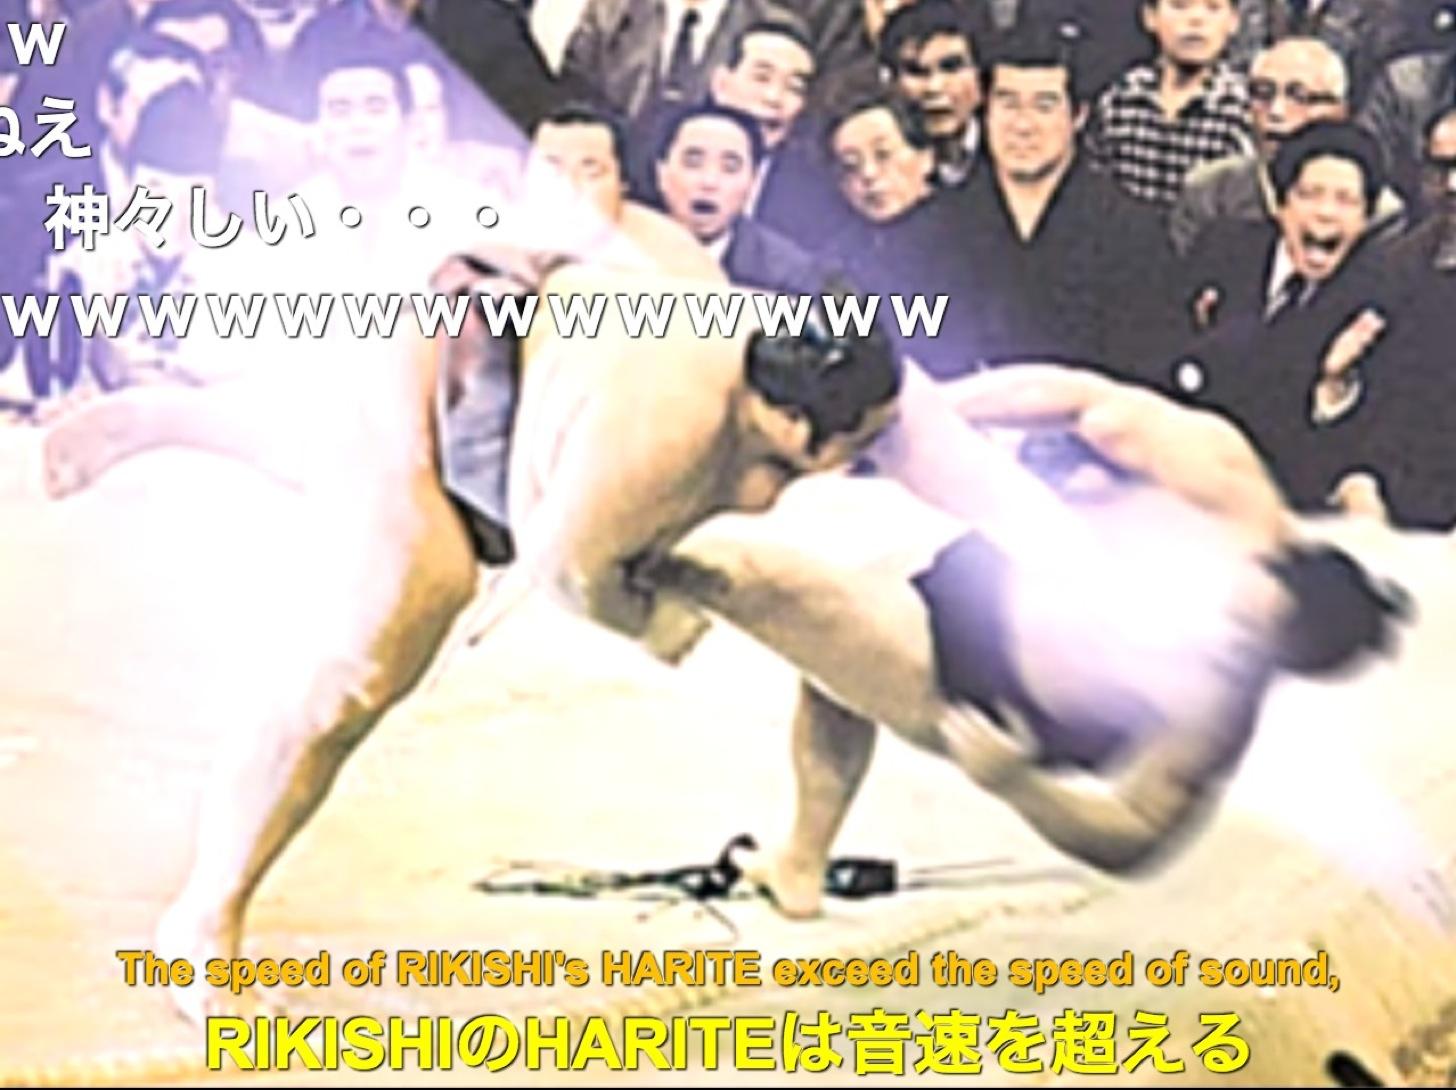 RIKISIHIのHARITEは音速を超える